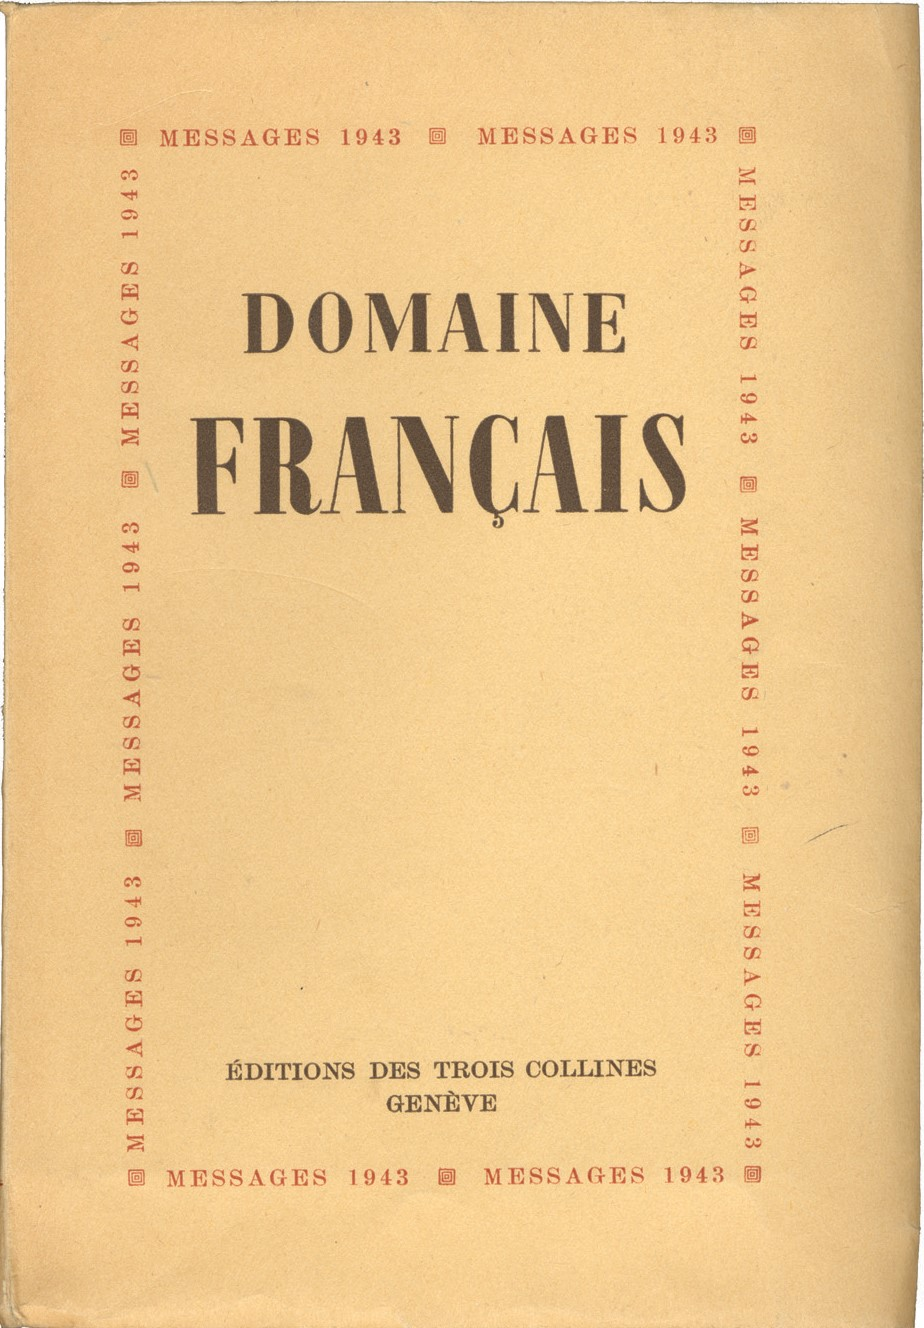 image for Éditions des Trois Collines / François Lachenal